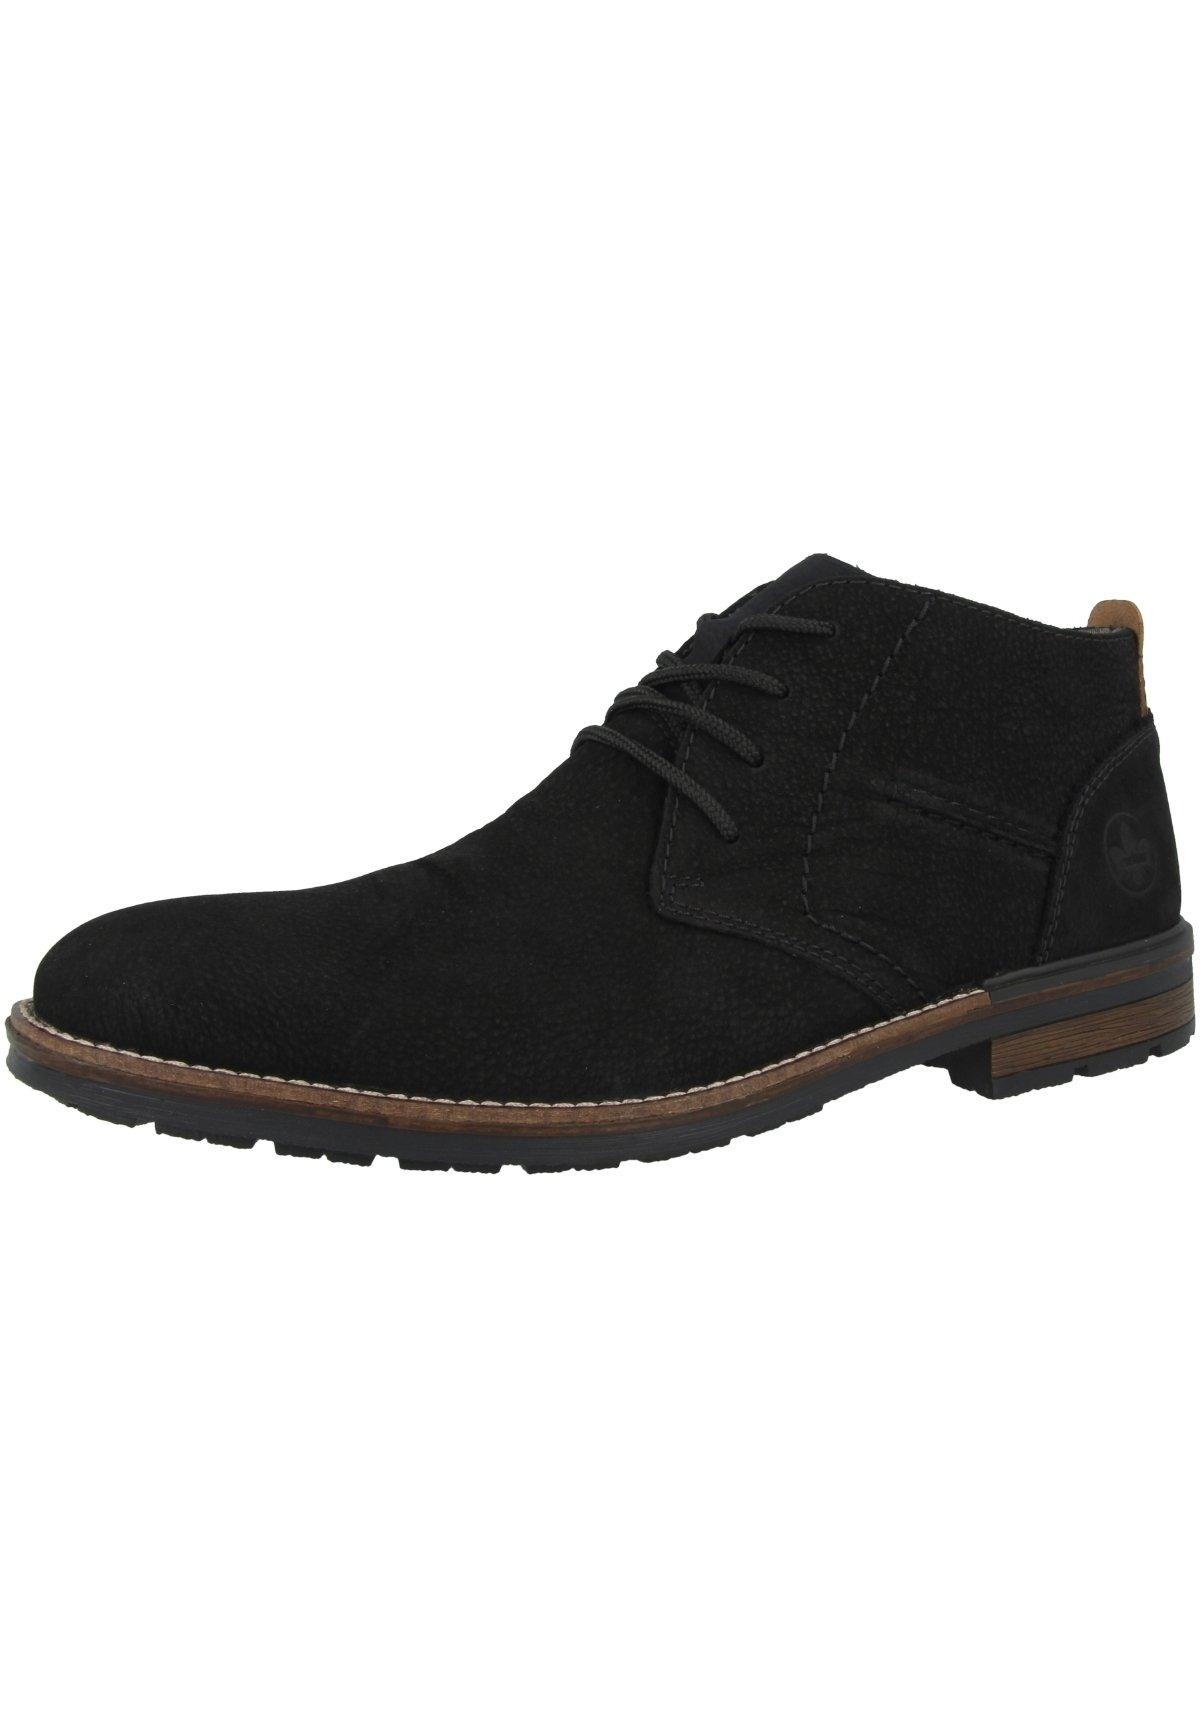 rabat Najtańsze Rieker Eleganckie buty - black | Obuwie męskie 2020 bIH4c